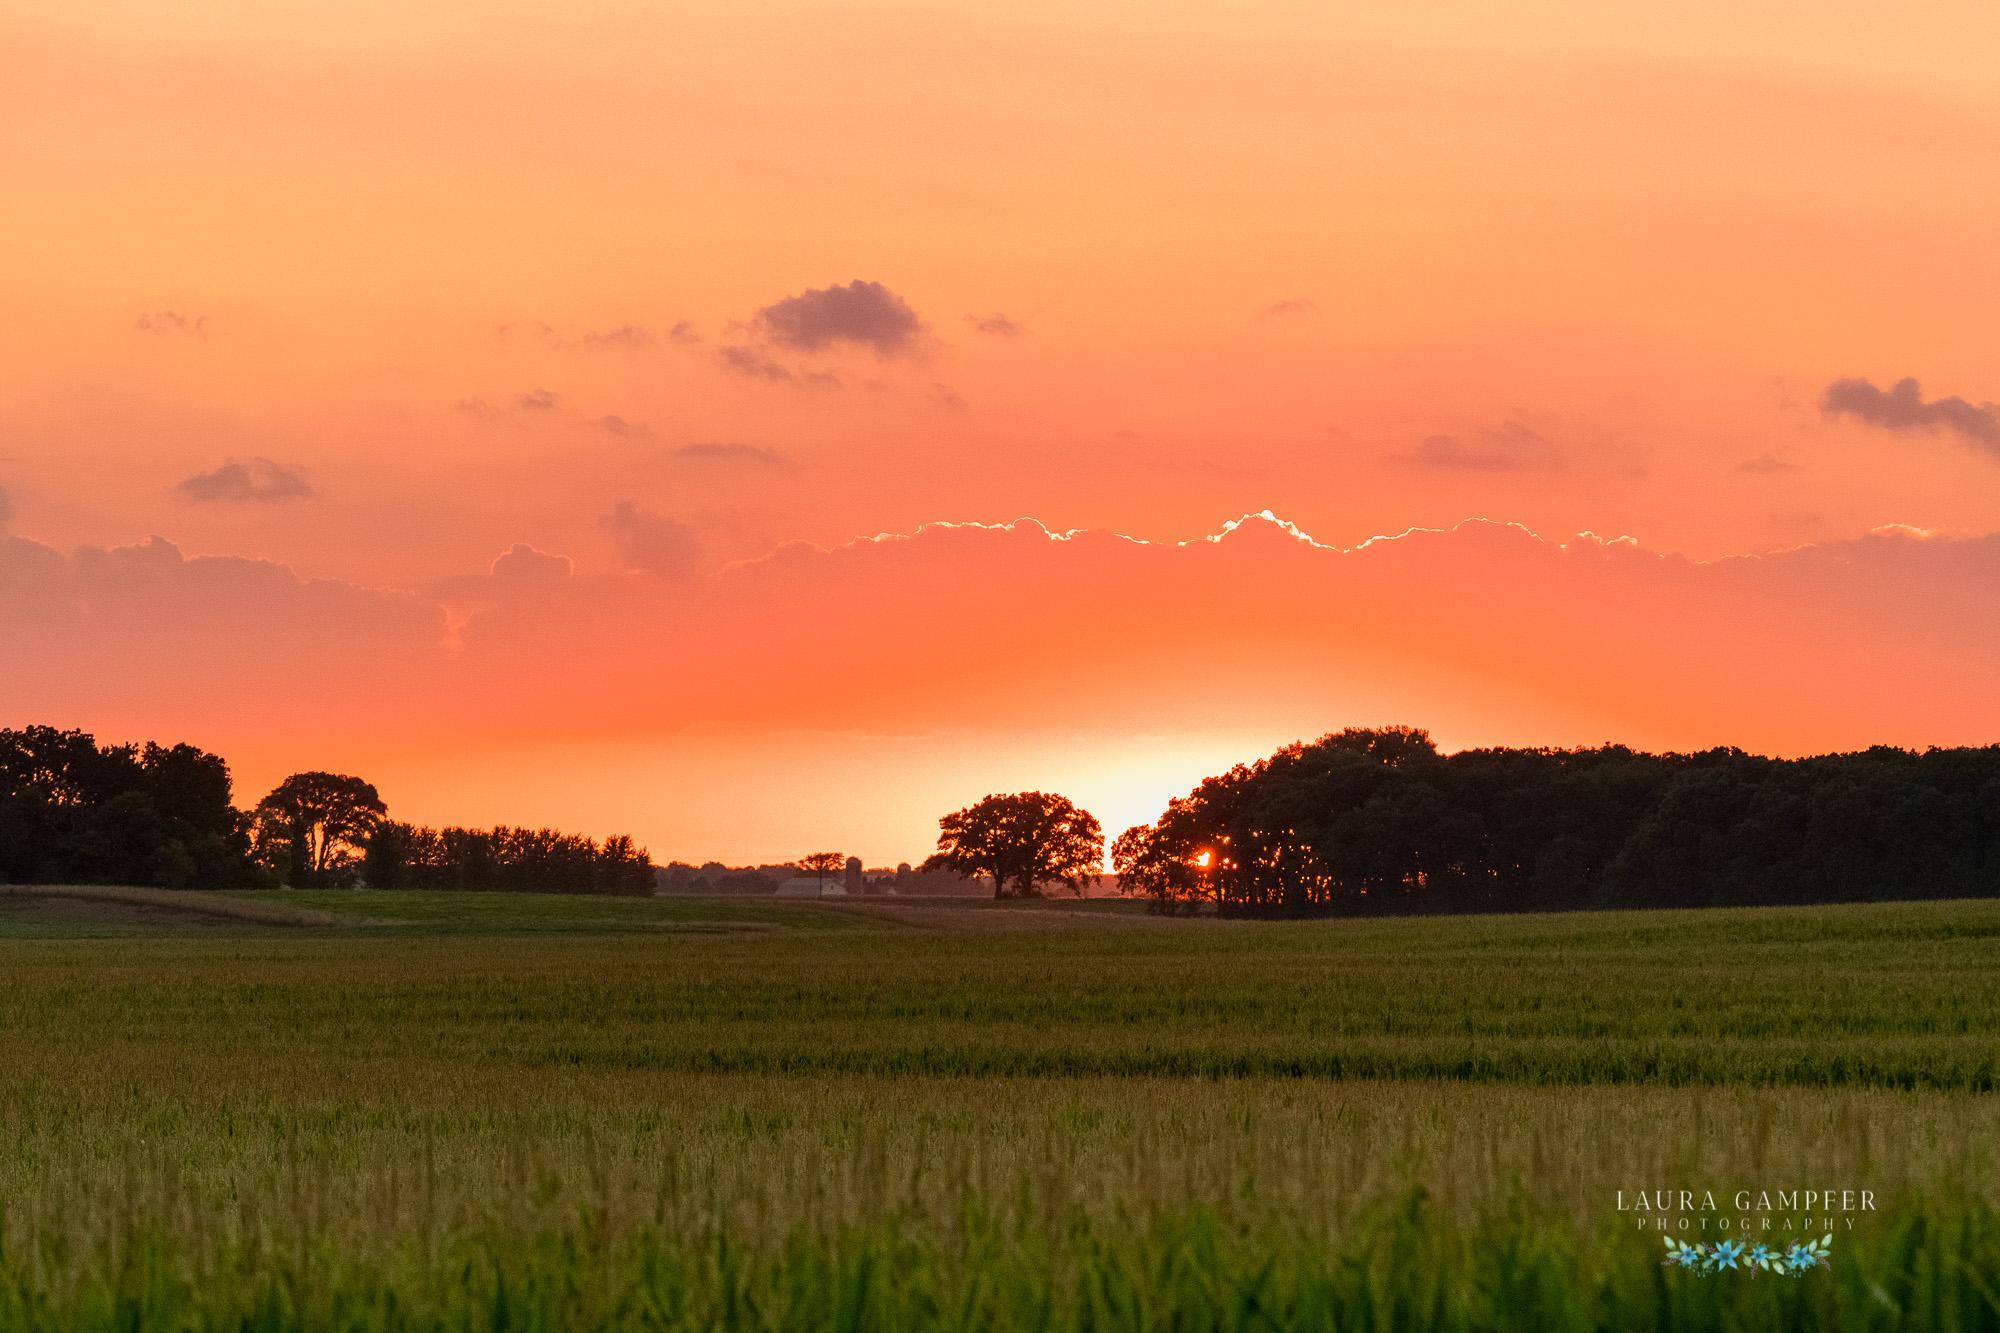 Illinois Farm Sunset over Corn Field Kane DeKalb County